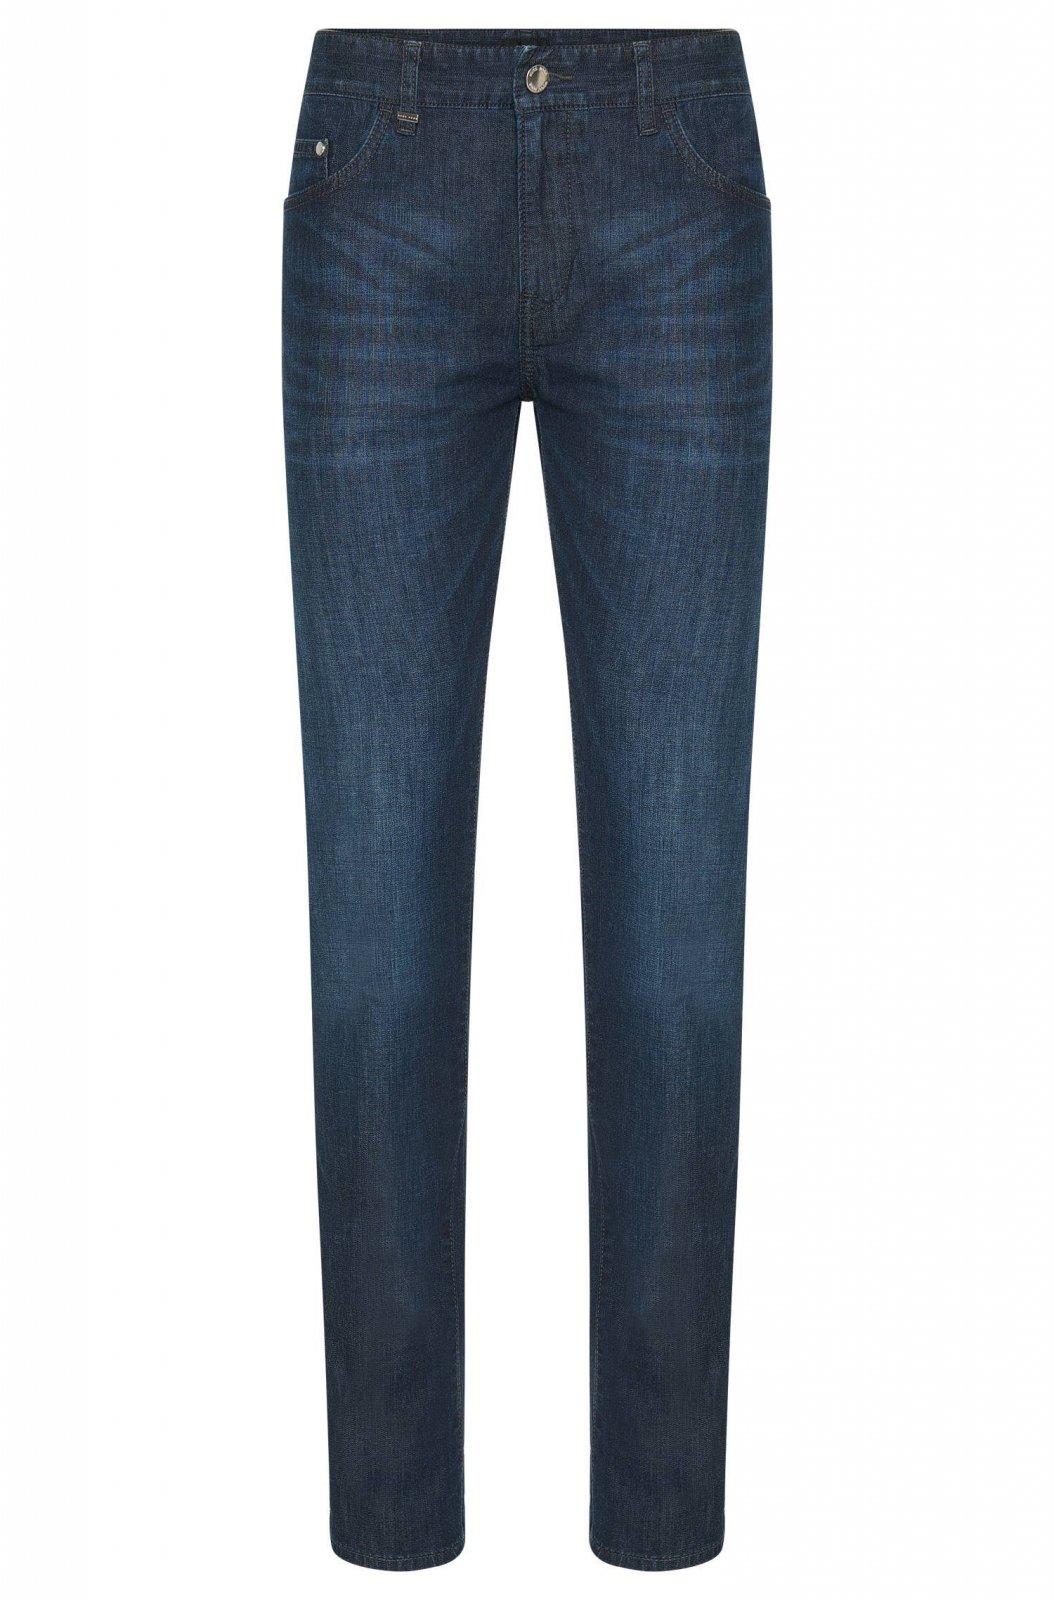 Jeans Slim-Fit marine Delaware Jeans pour homme de la marque Hugo BOSS ... ddfdb072f900